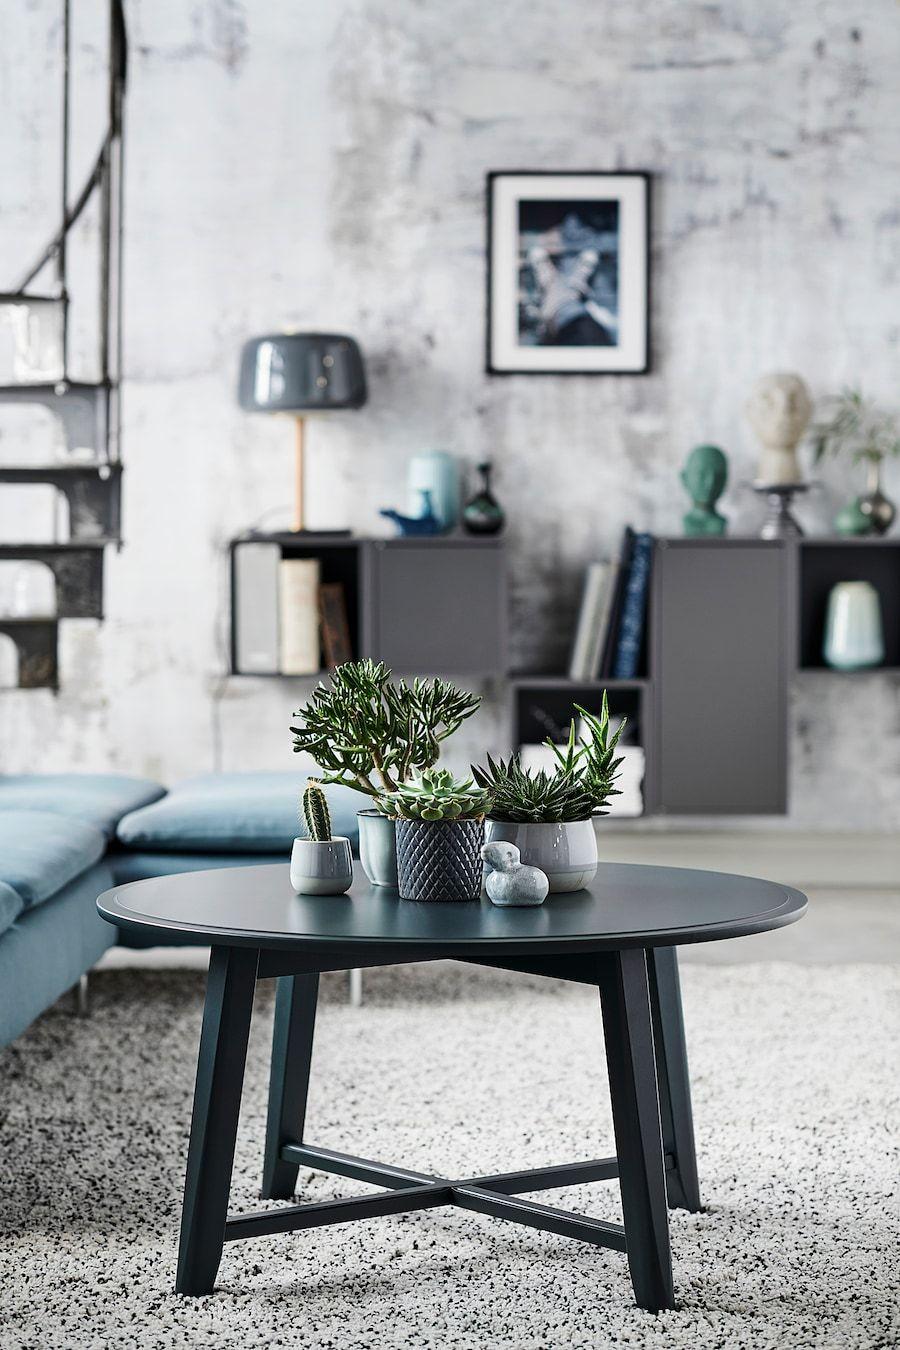 Kragsta Coffee Table Black 353 8 90 Cm Ikea In 2021 Ikea Coffee Table Coffee Table Black Coffee Tables [ 1350 x 900 Pixel ]